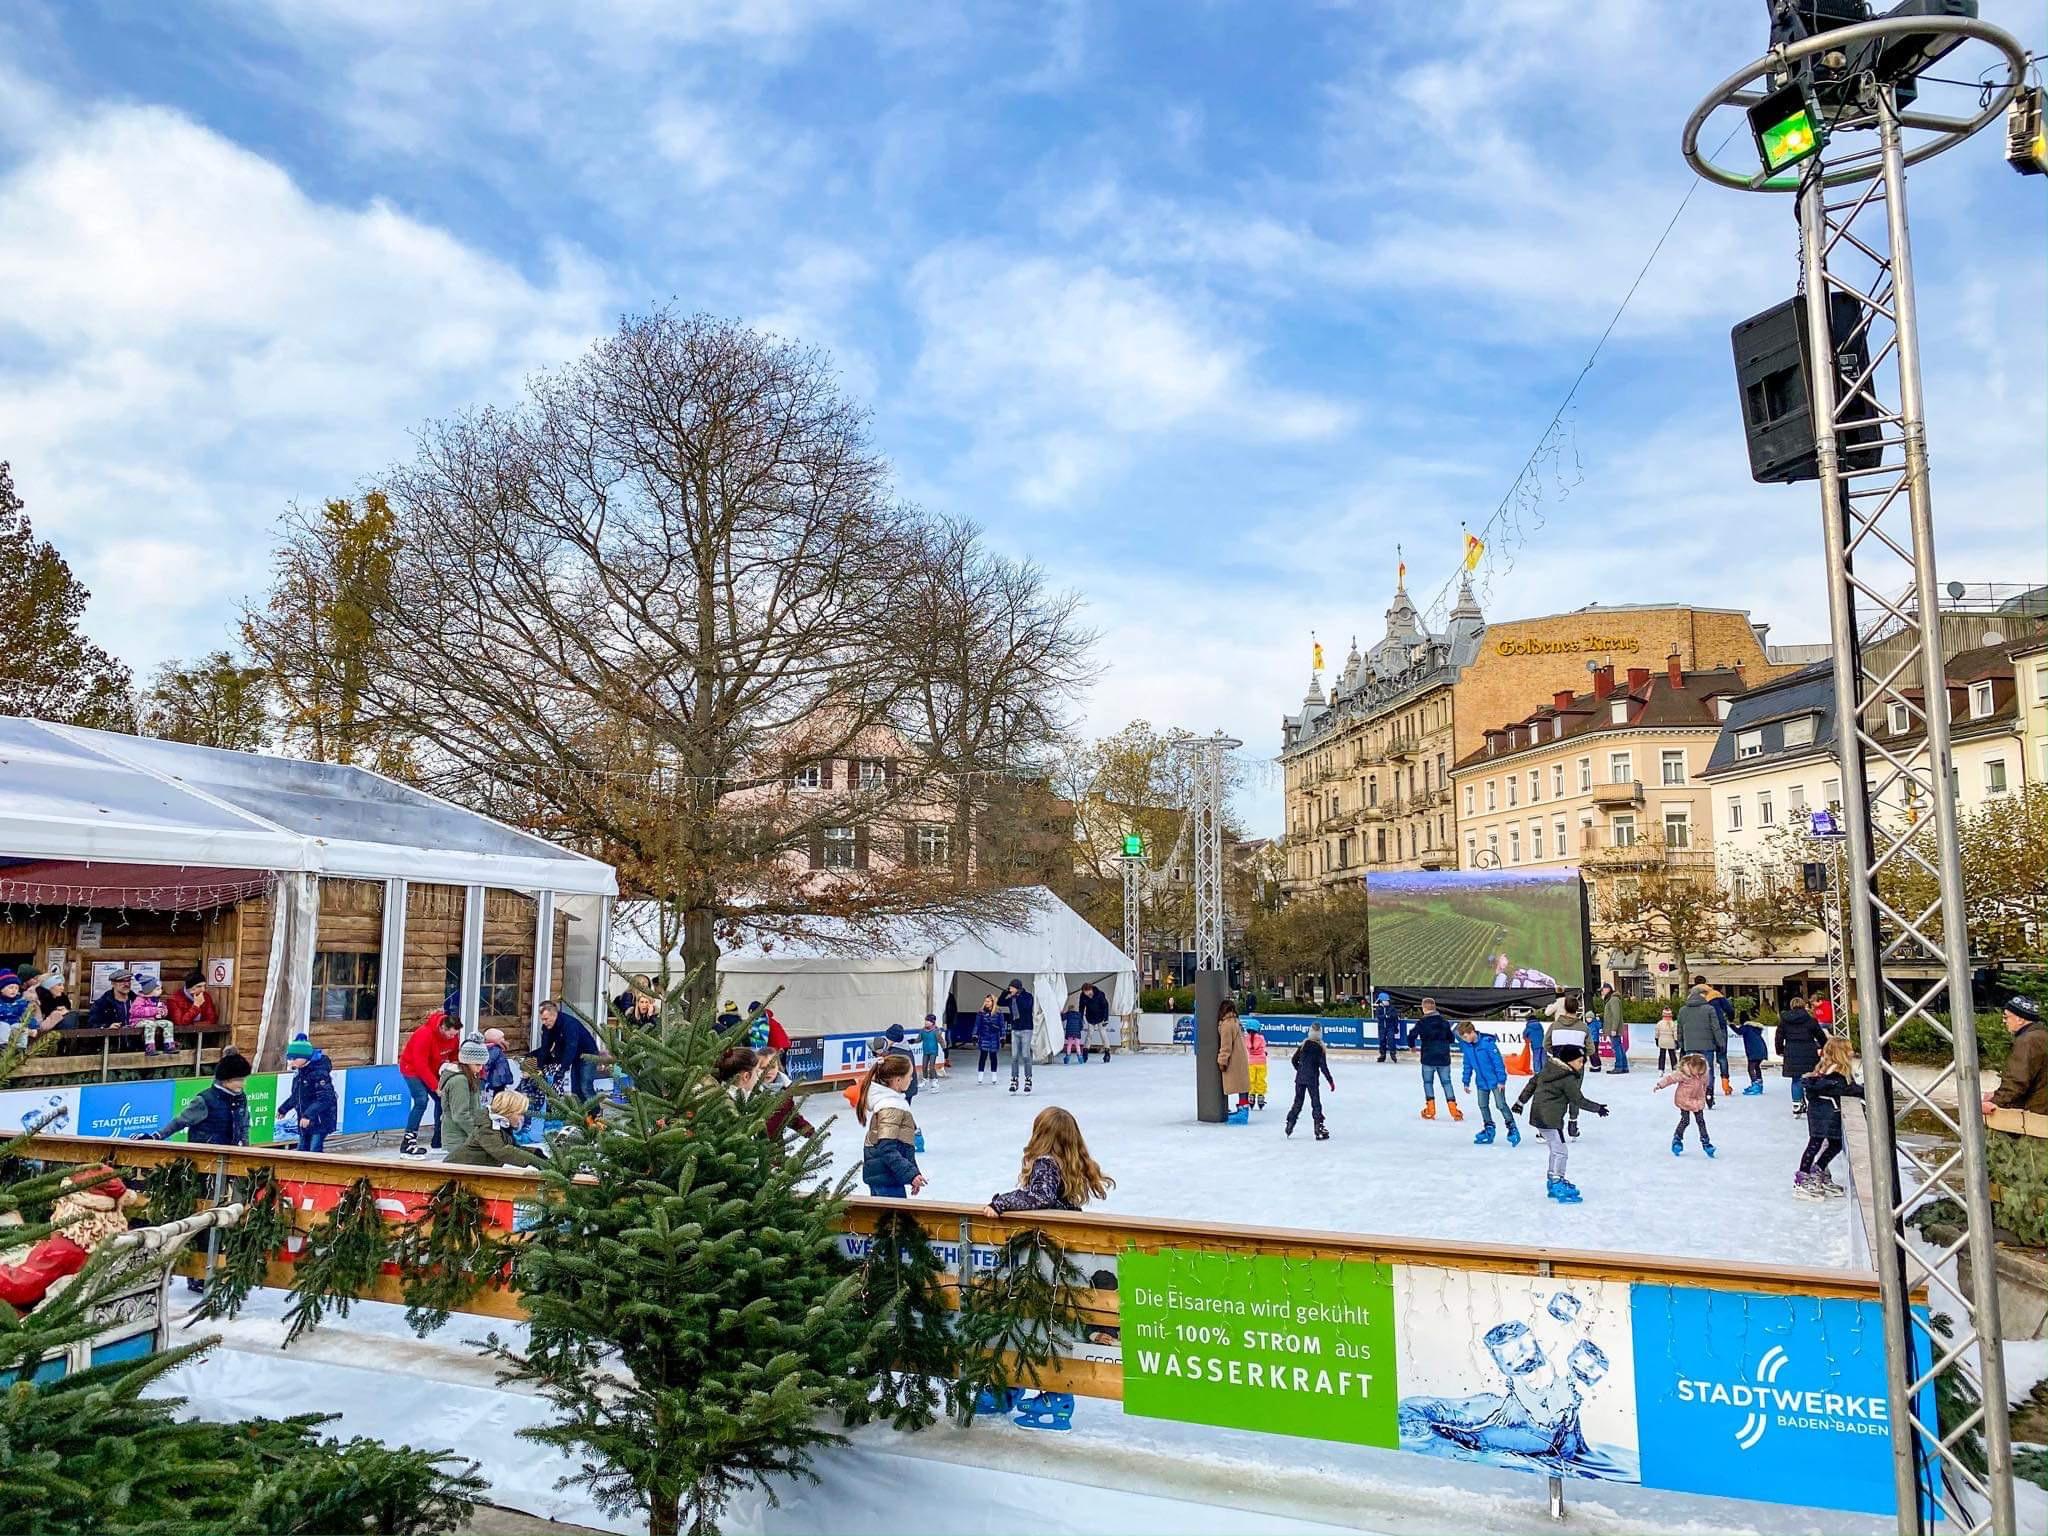 eisarena-baden-baden-weihnachtsmarkt-essen-5